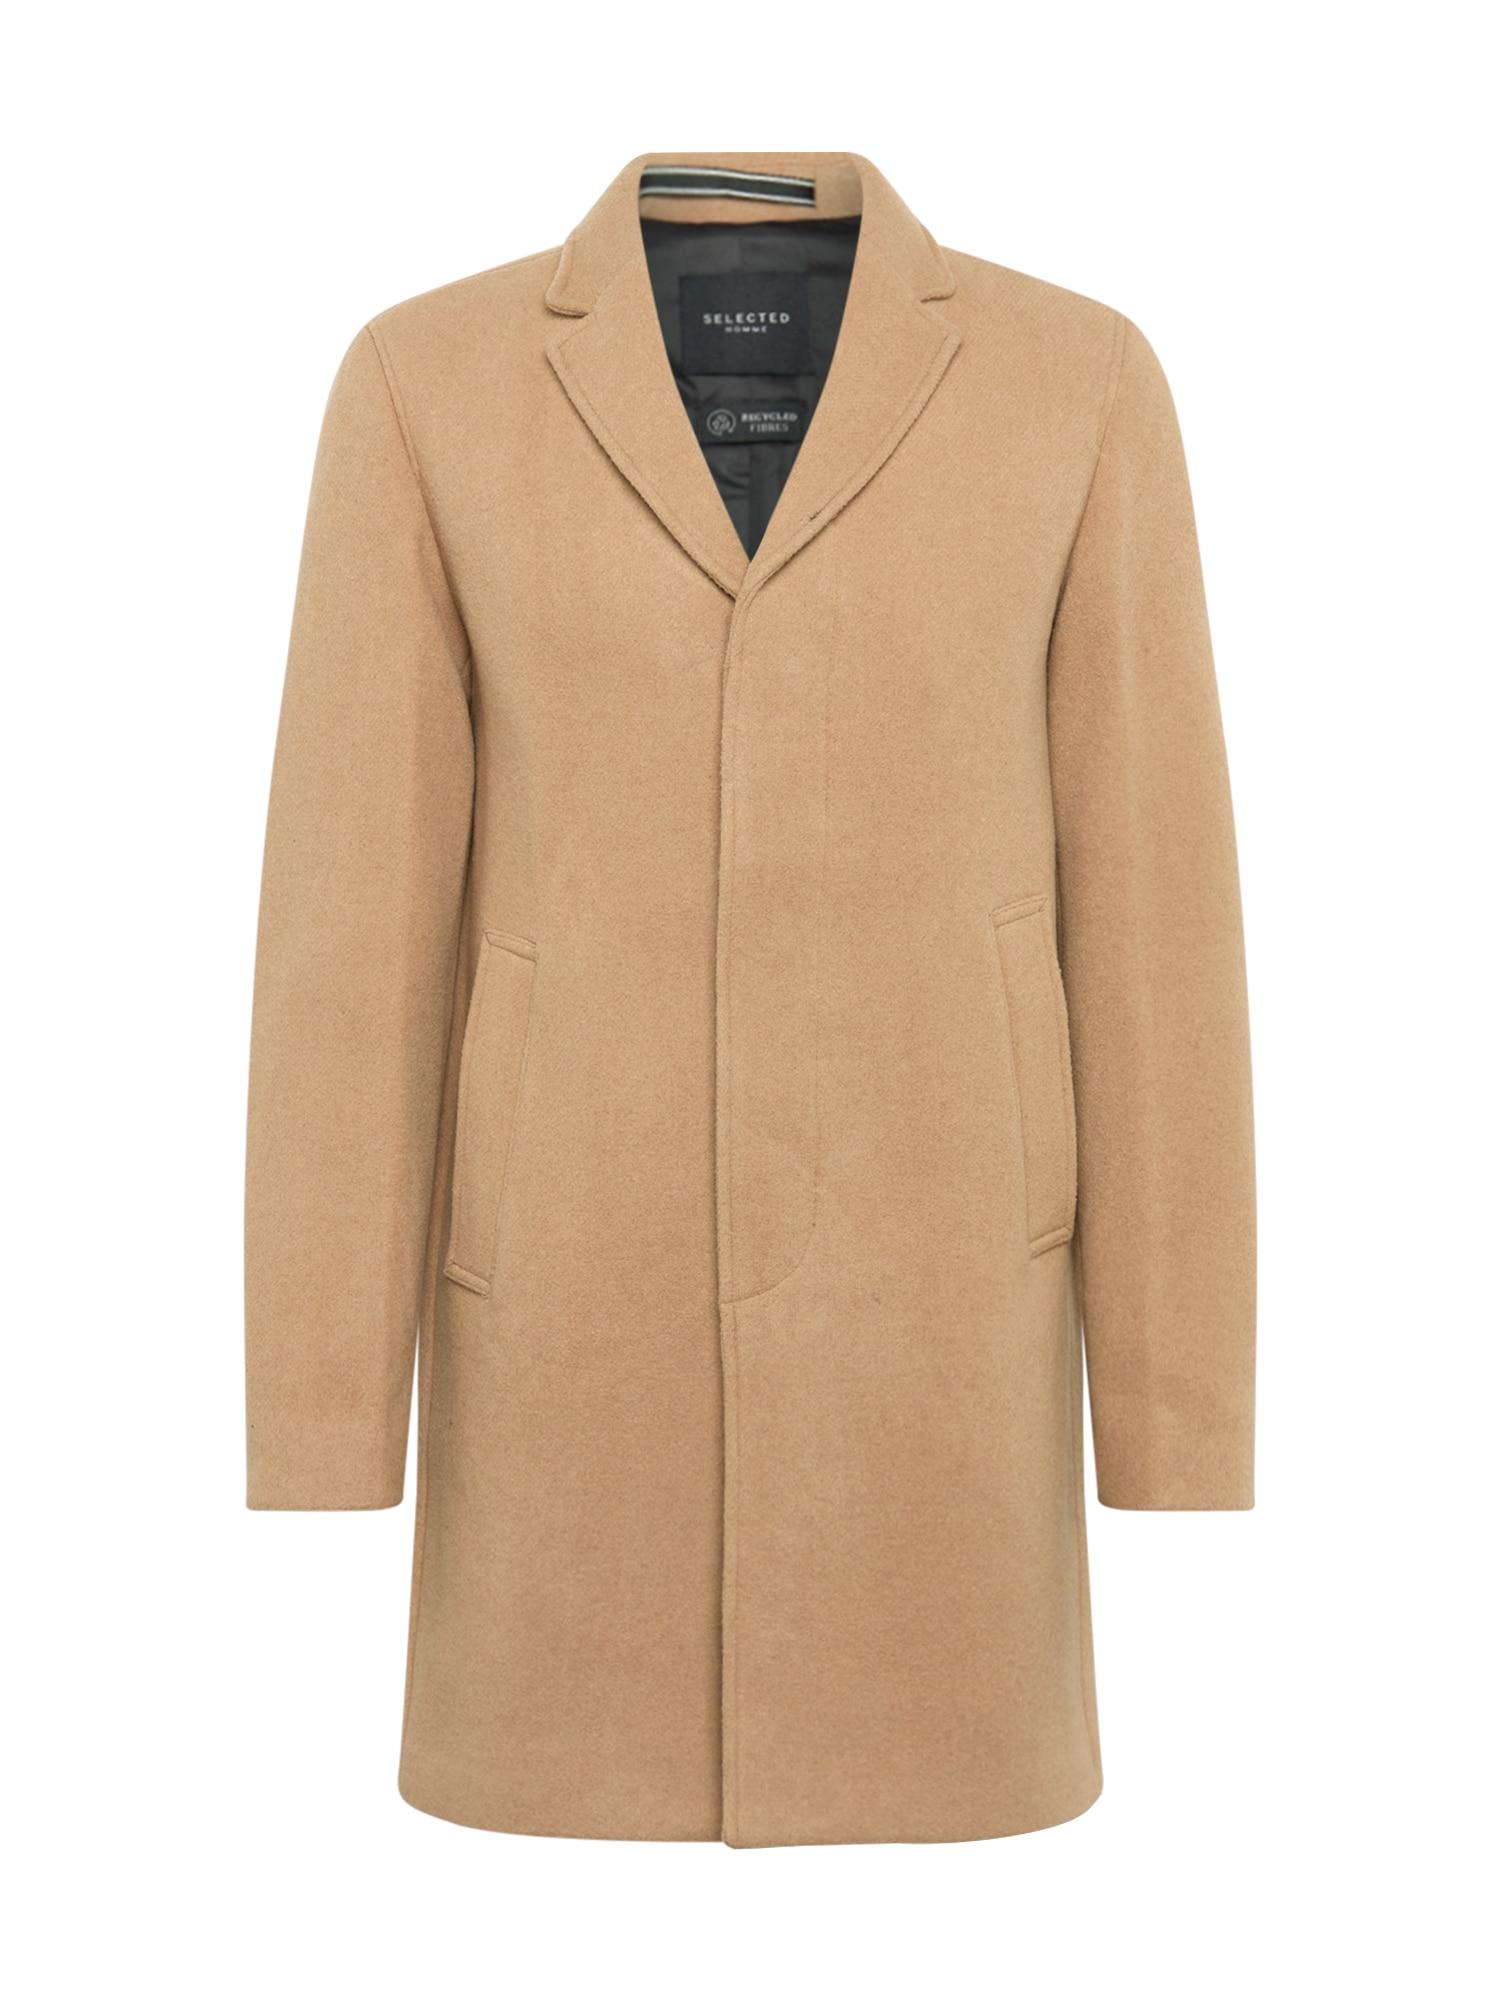 SELECTED HOMME Rudeninis-žieminis paltas šviesiai ruda